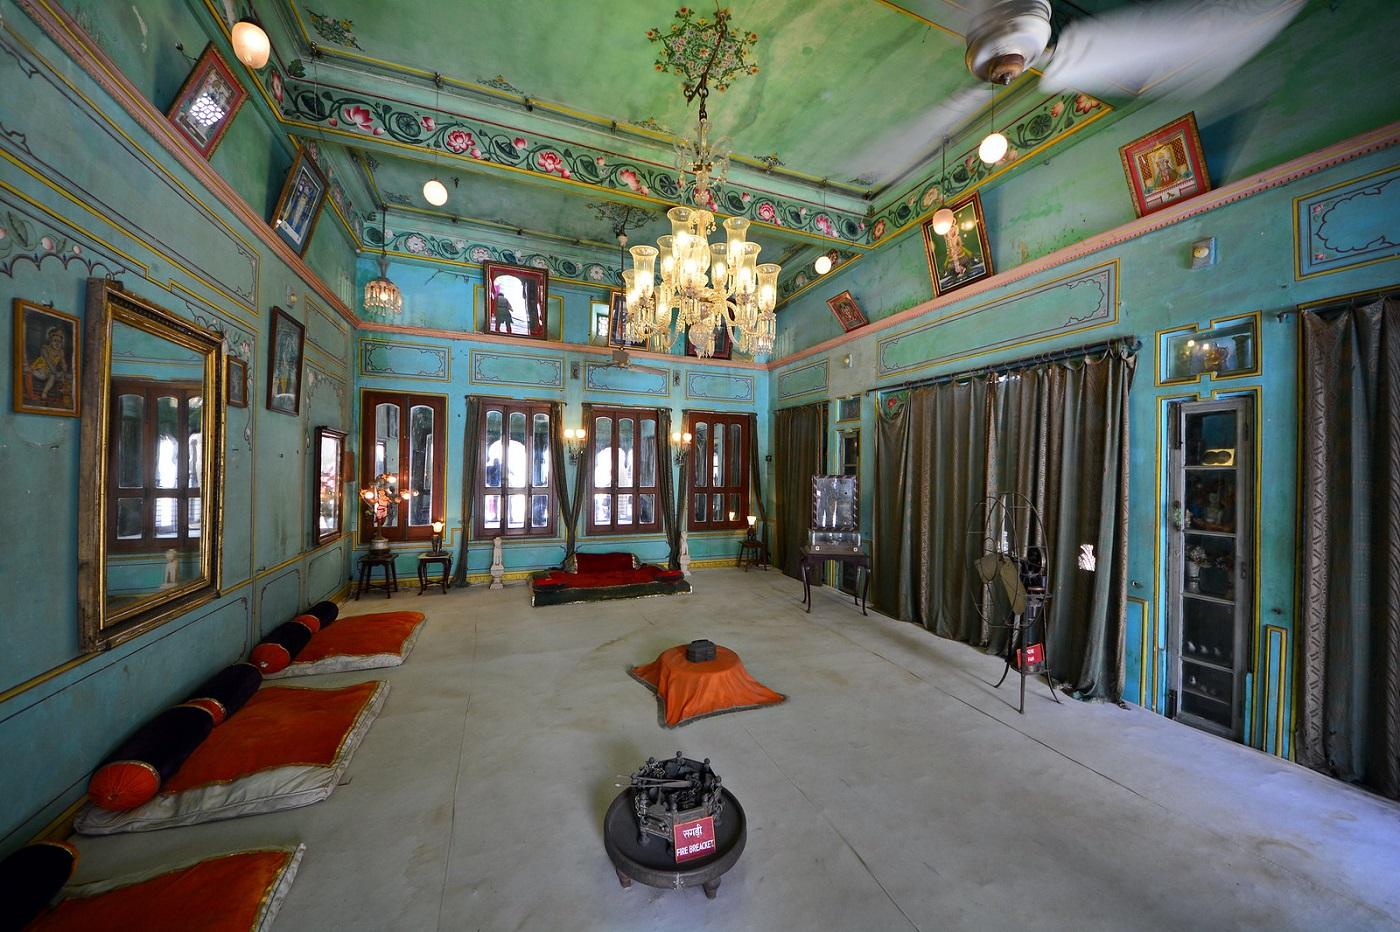 Bhim Vilas at City Palace Udaipur